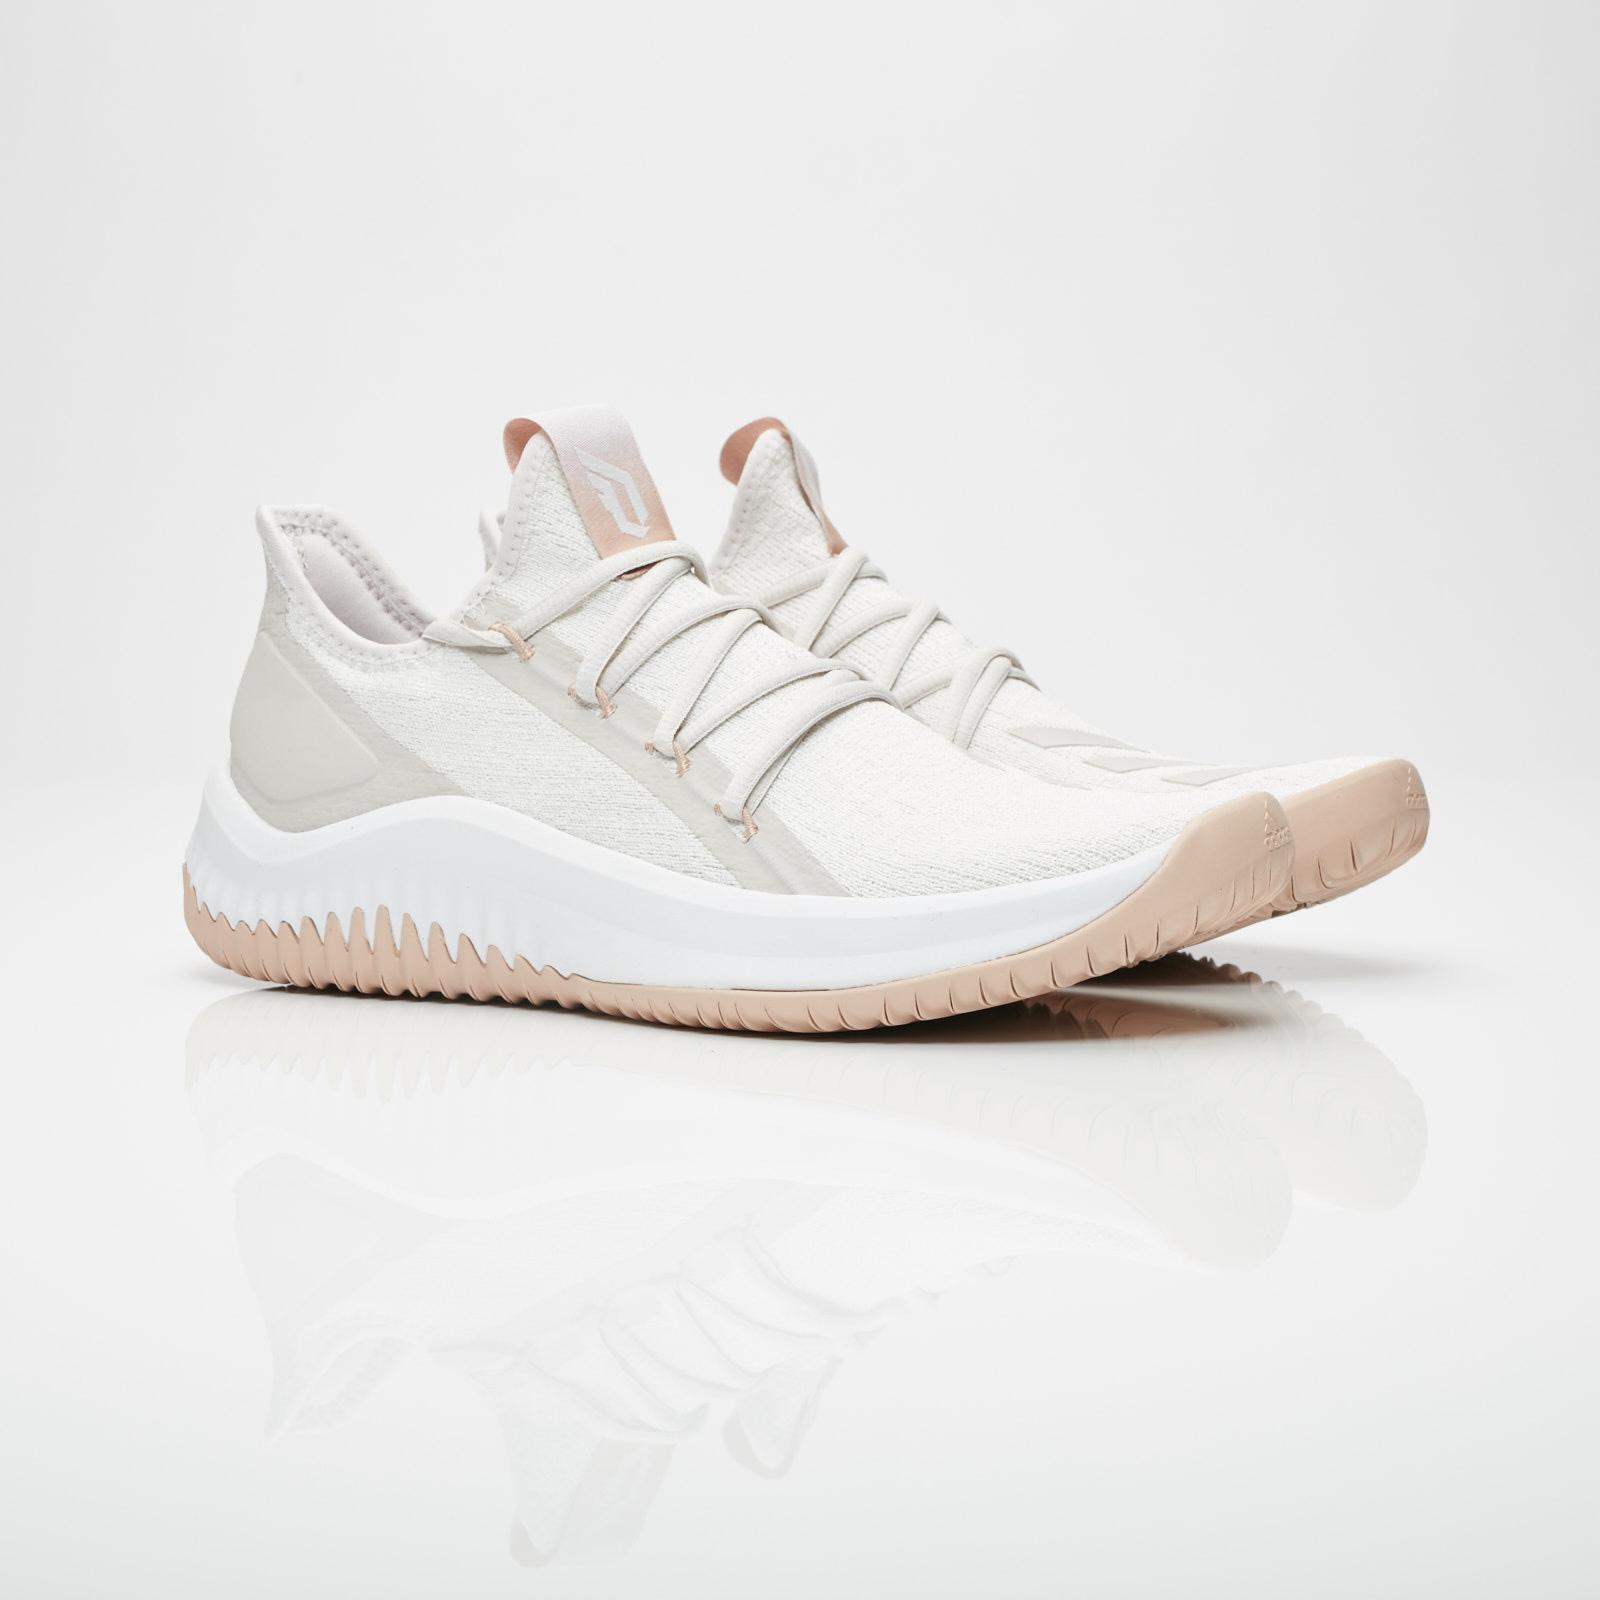 adidas Dame D.O.L.L.A. - Db1074 - Sneakersnstuff  7575d59f9